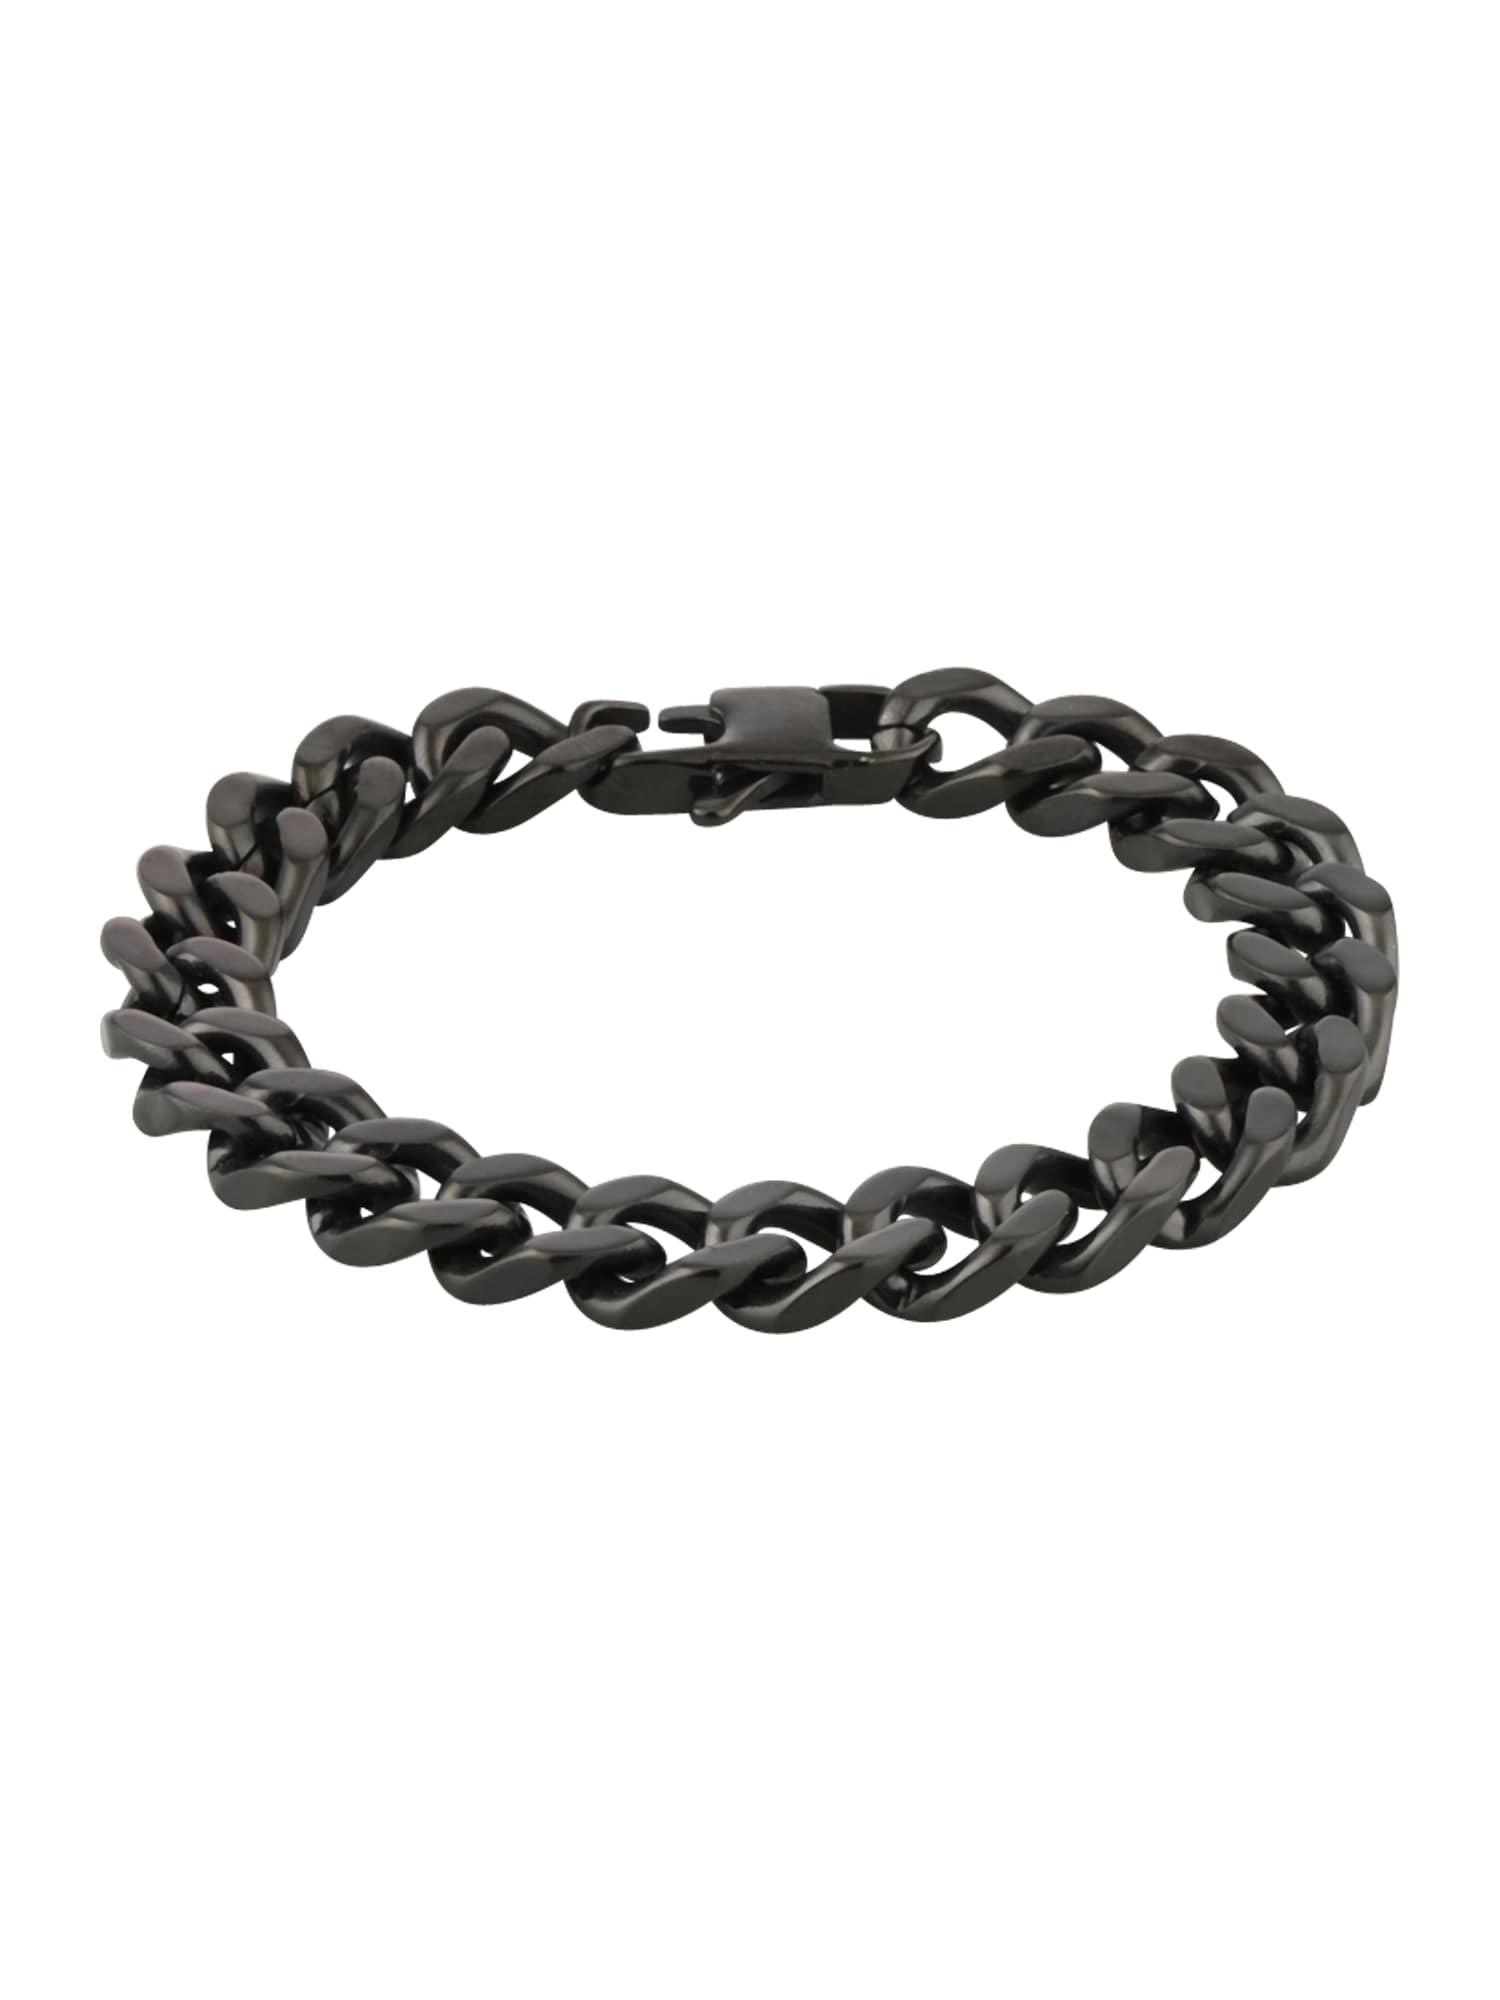 Náramek Bracelet Classic Line černá ROYAL-EGO